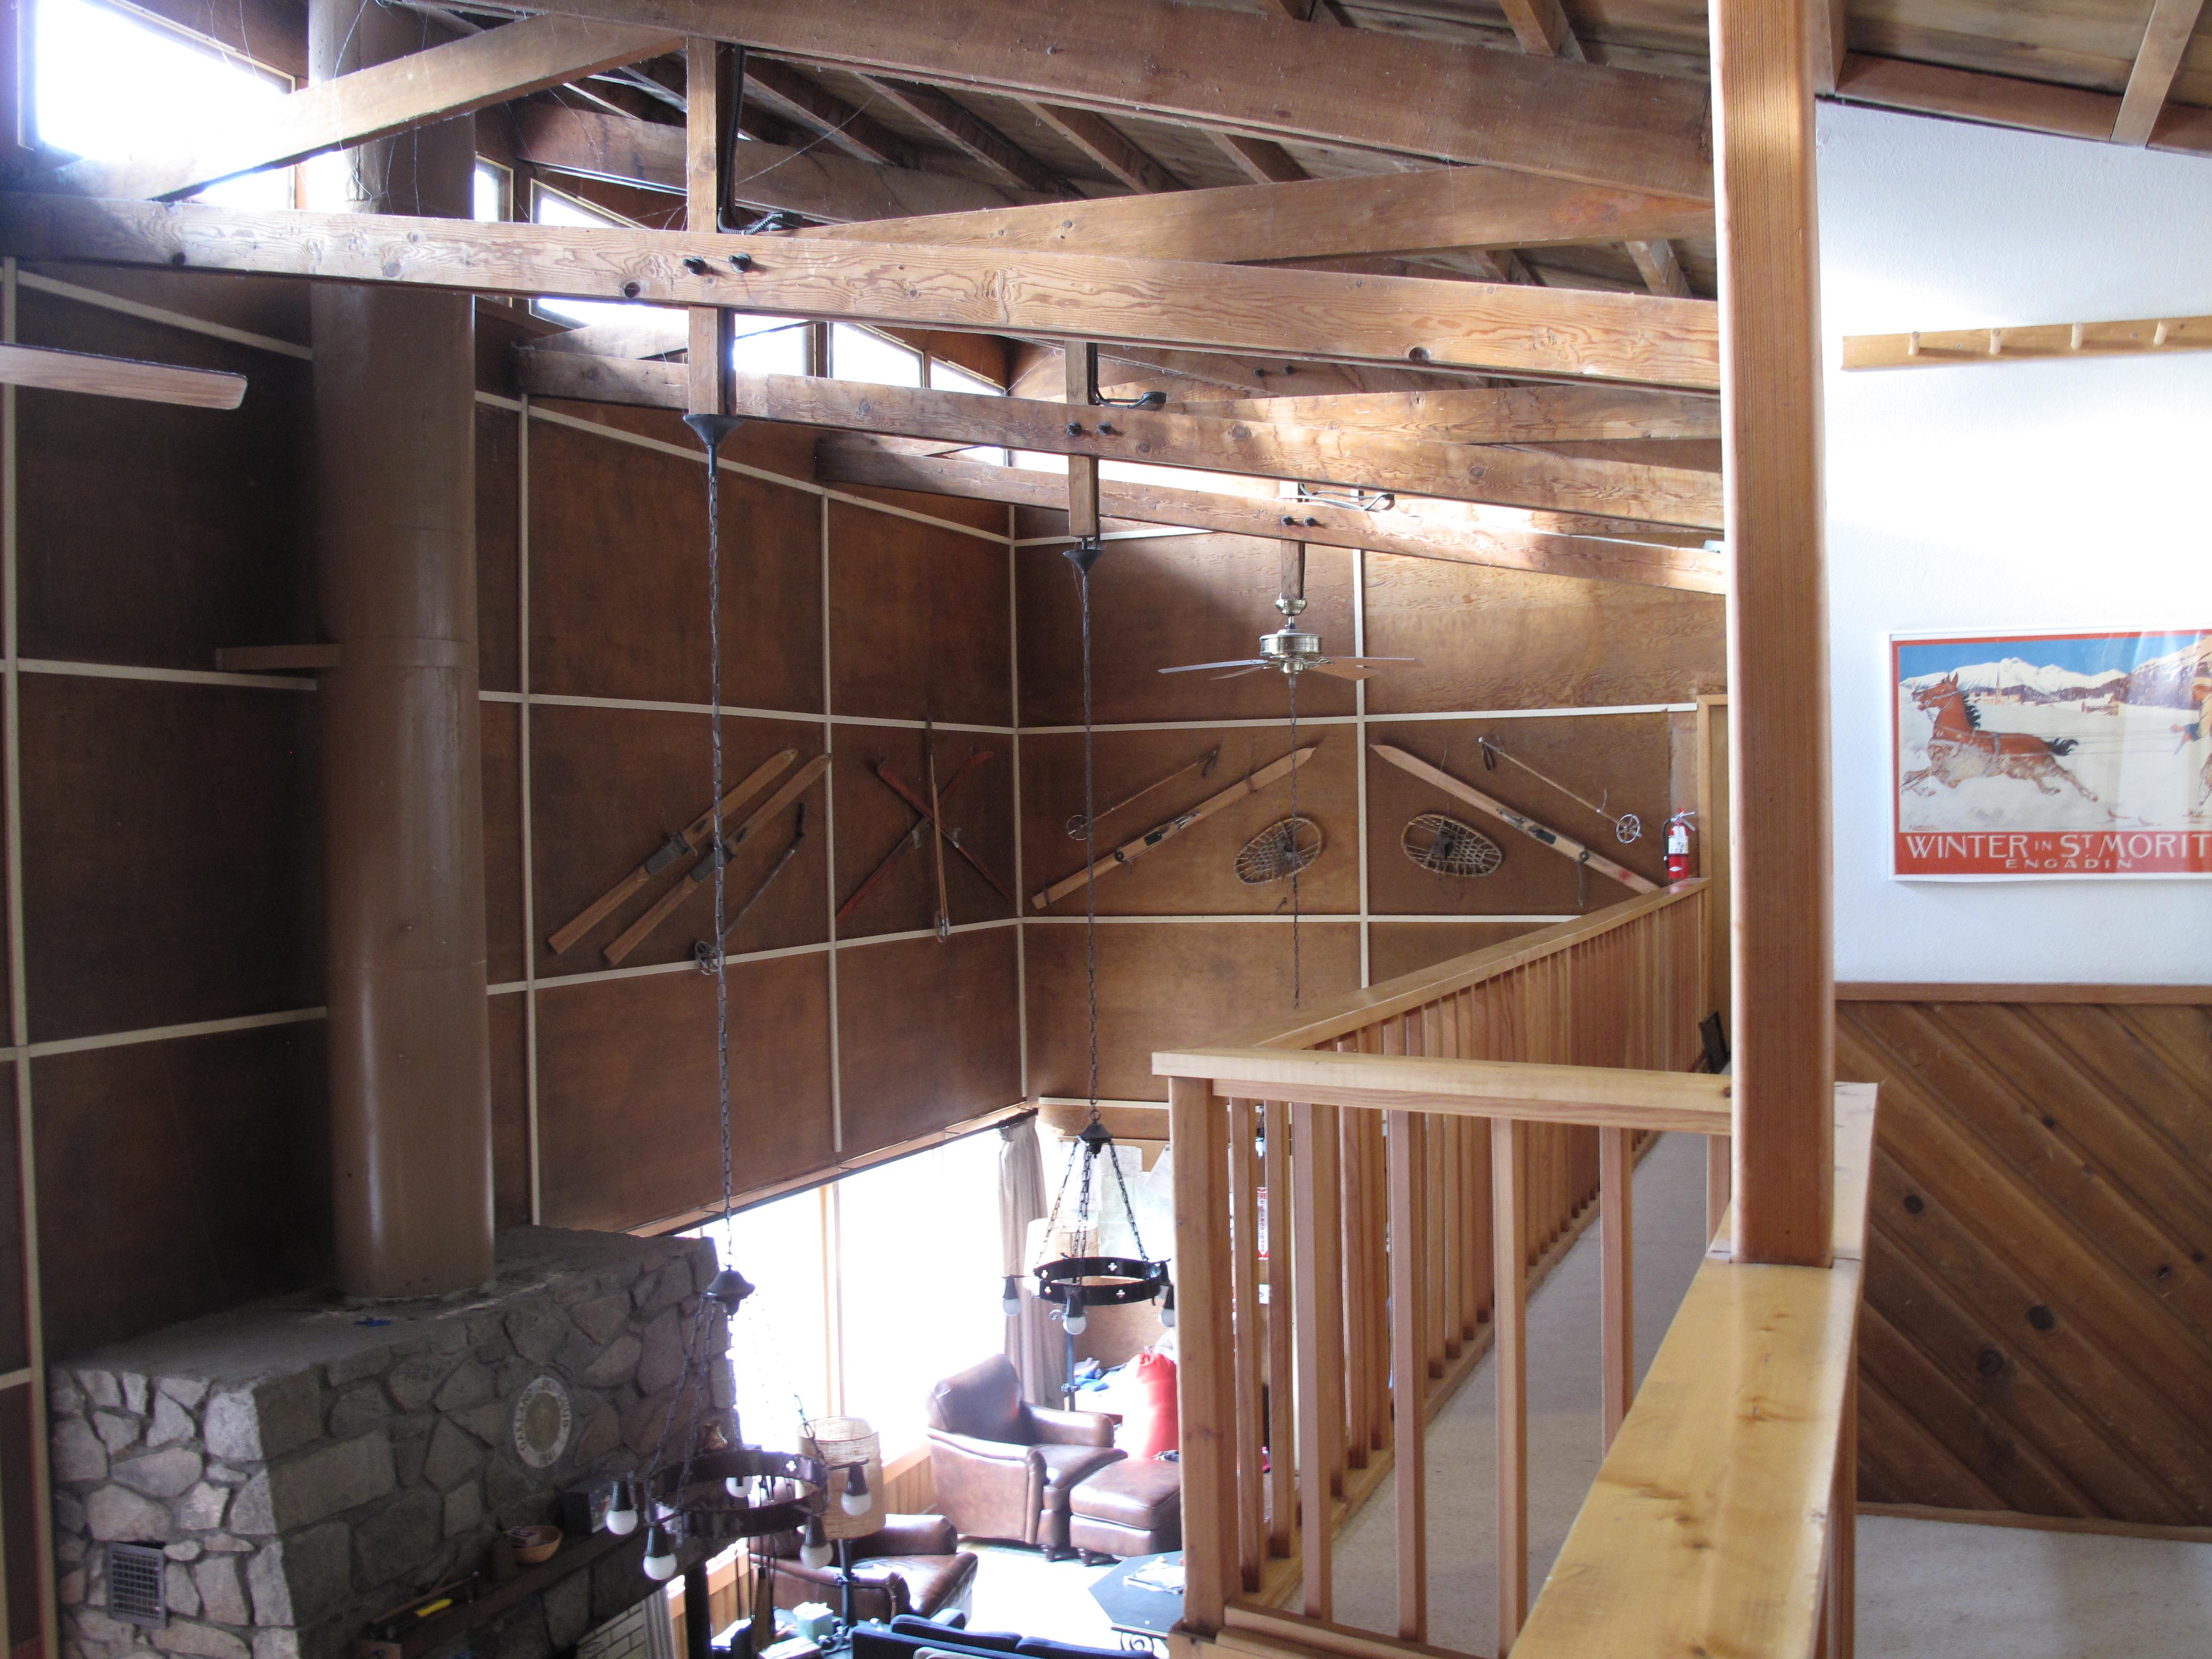 Upstairs at OSC